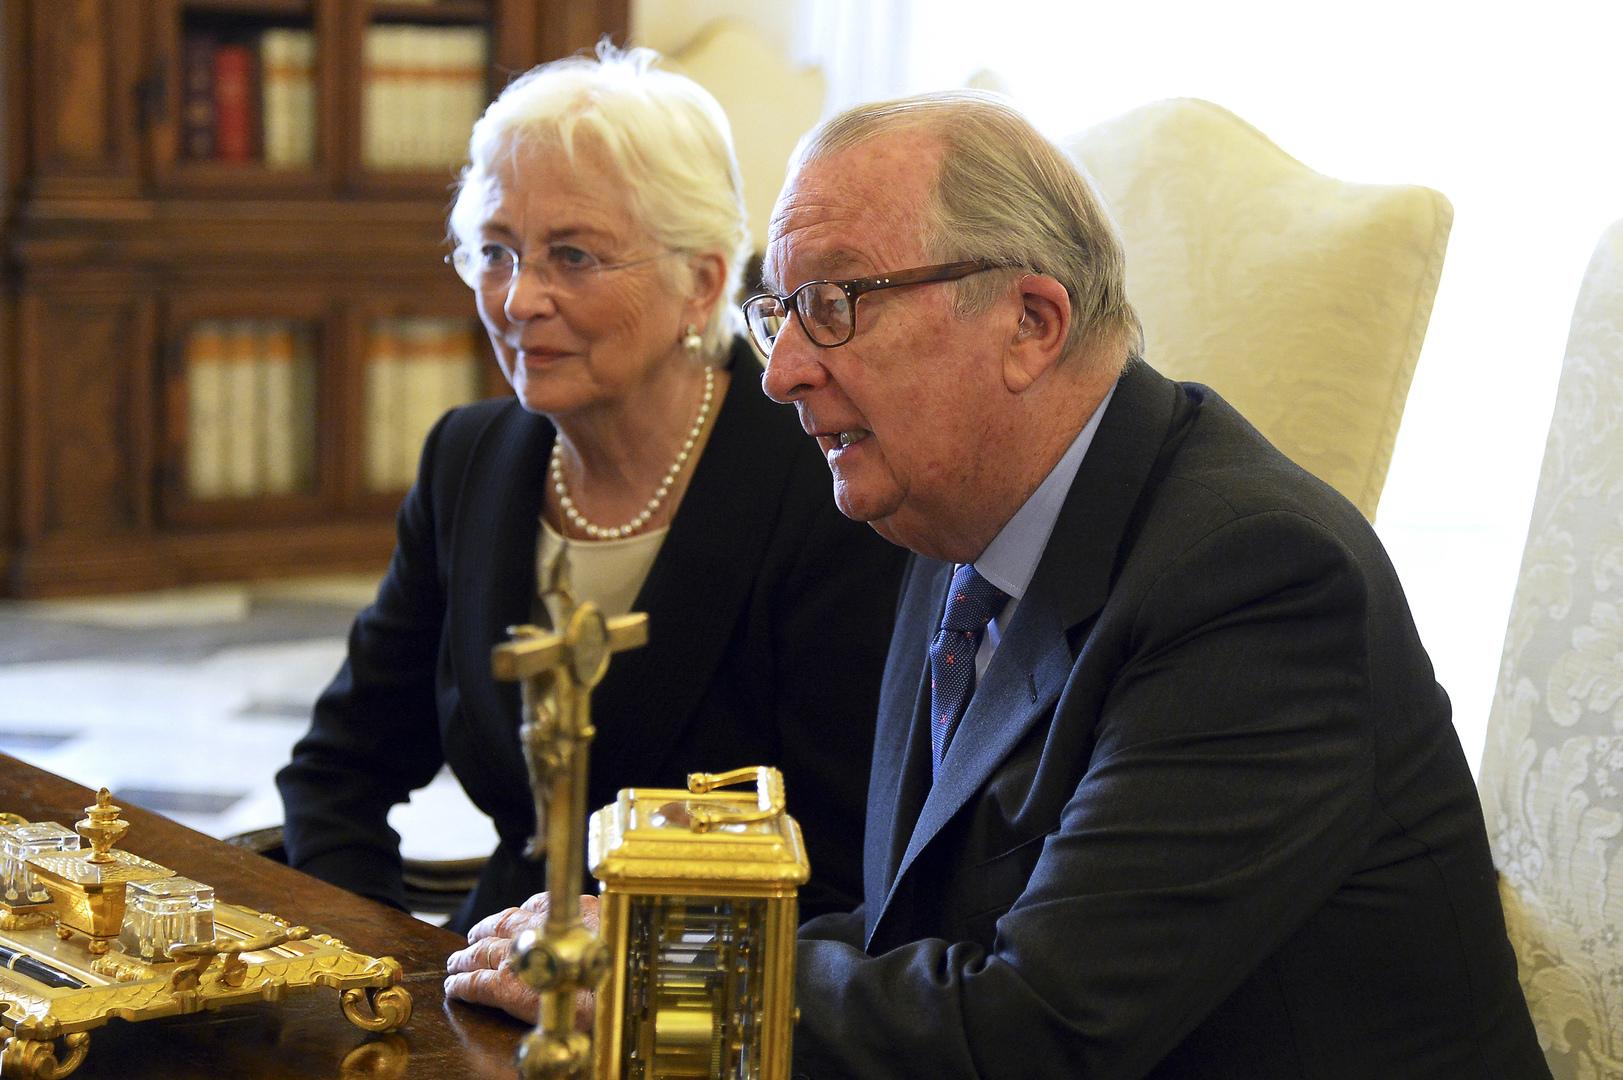 بعد سنين طوال.. ملك بلجيكا يعترف بابنته غير الشرعية